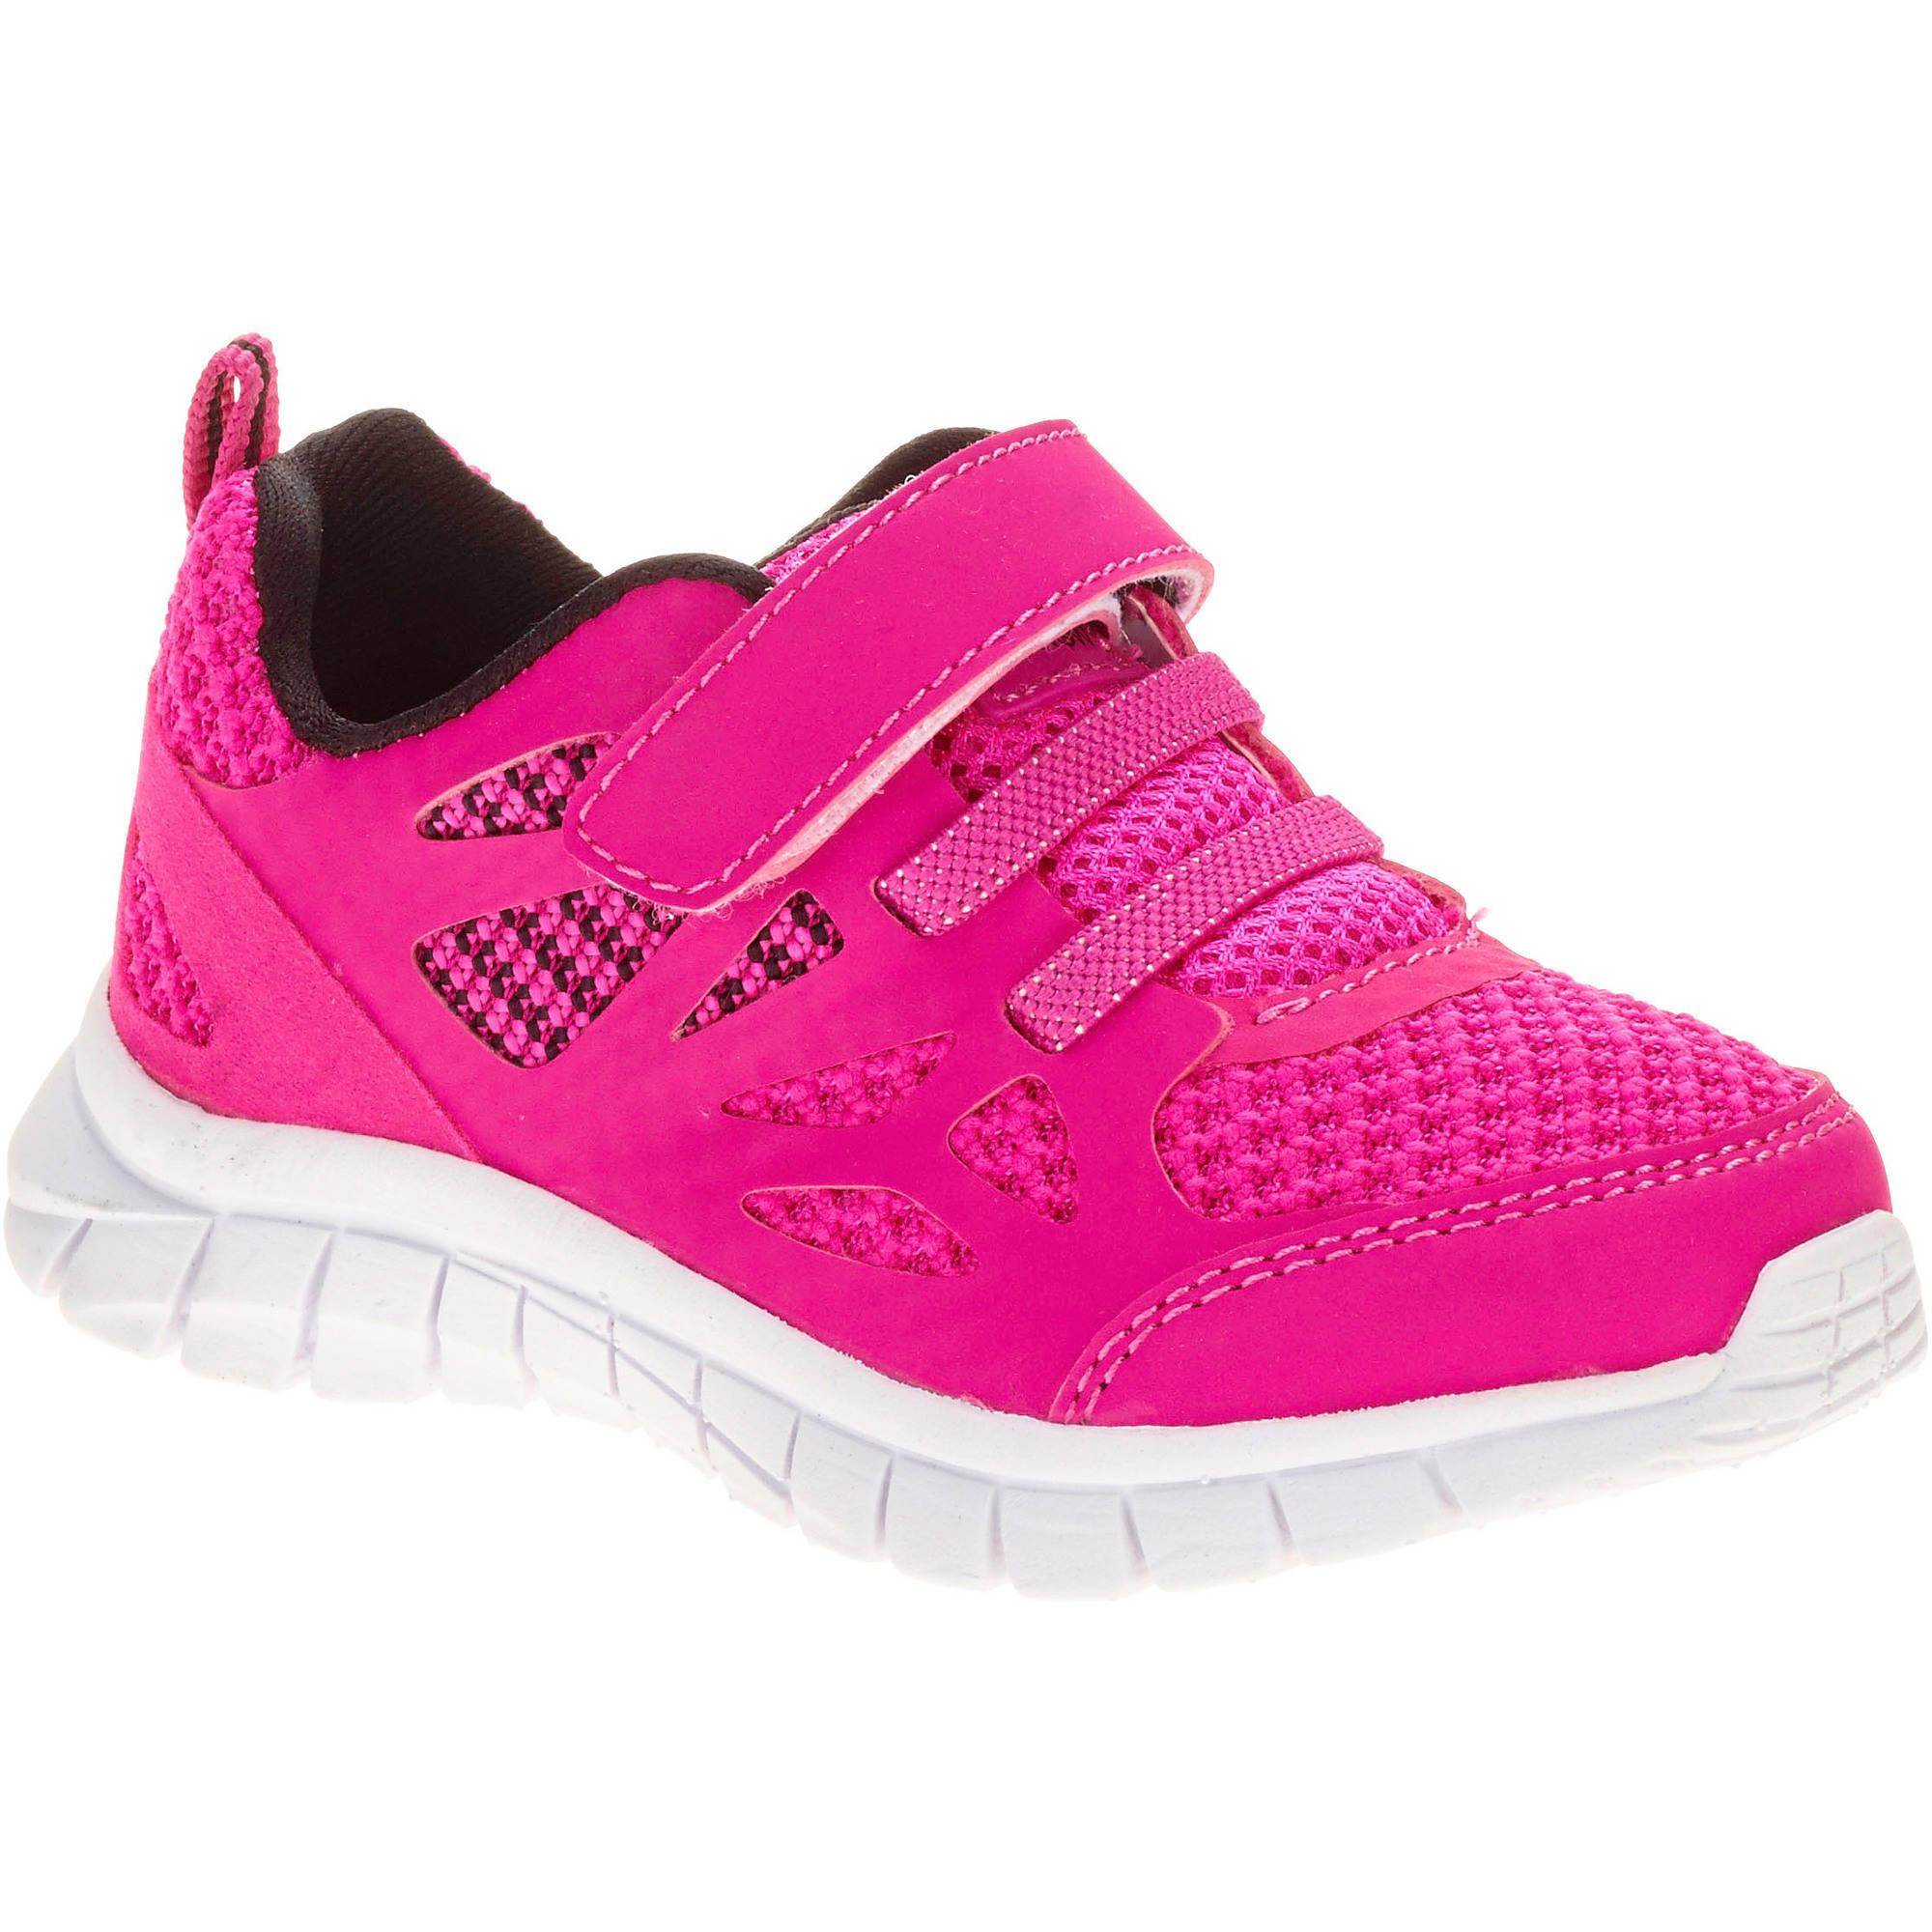 Danskin Now Toddler Girl's Lightweight Running Shoe